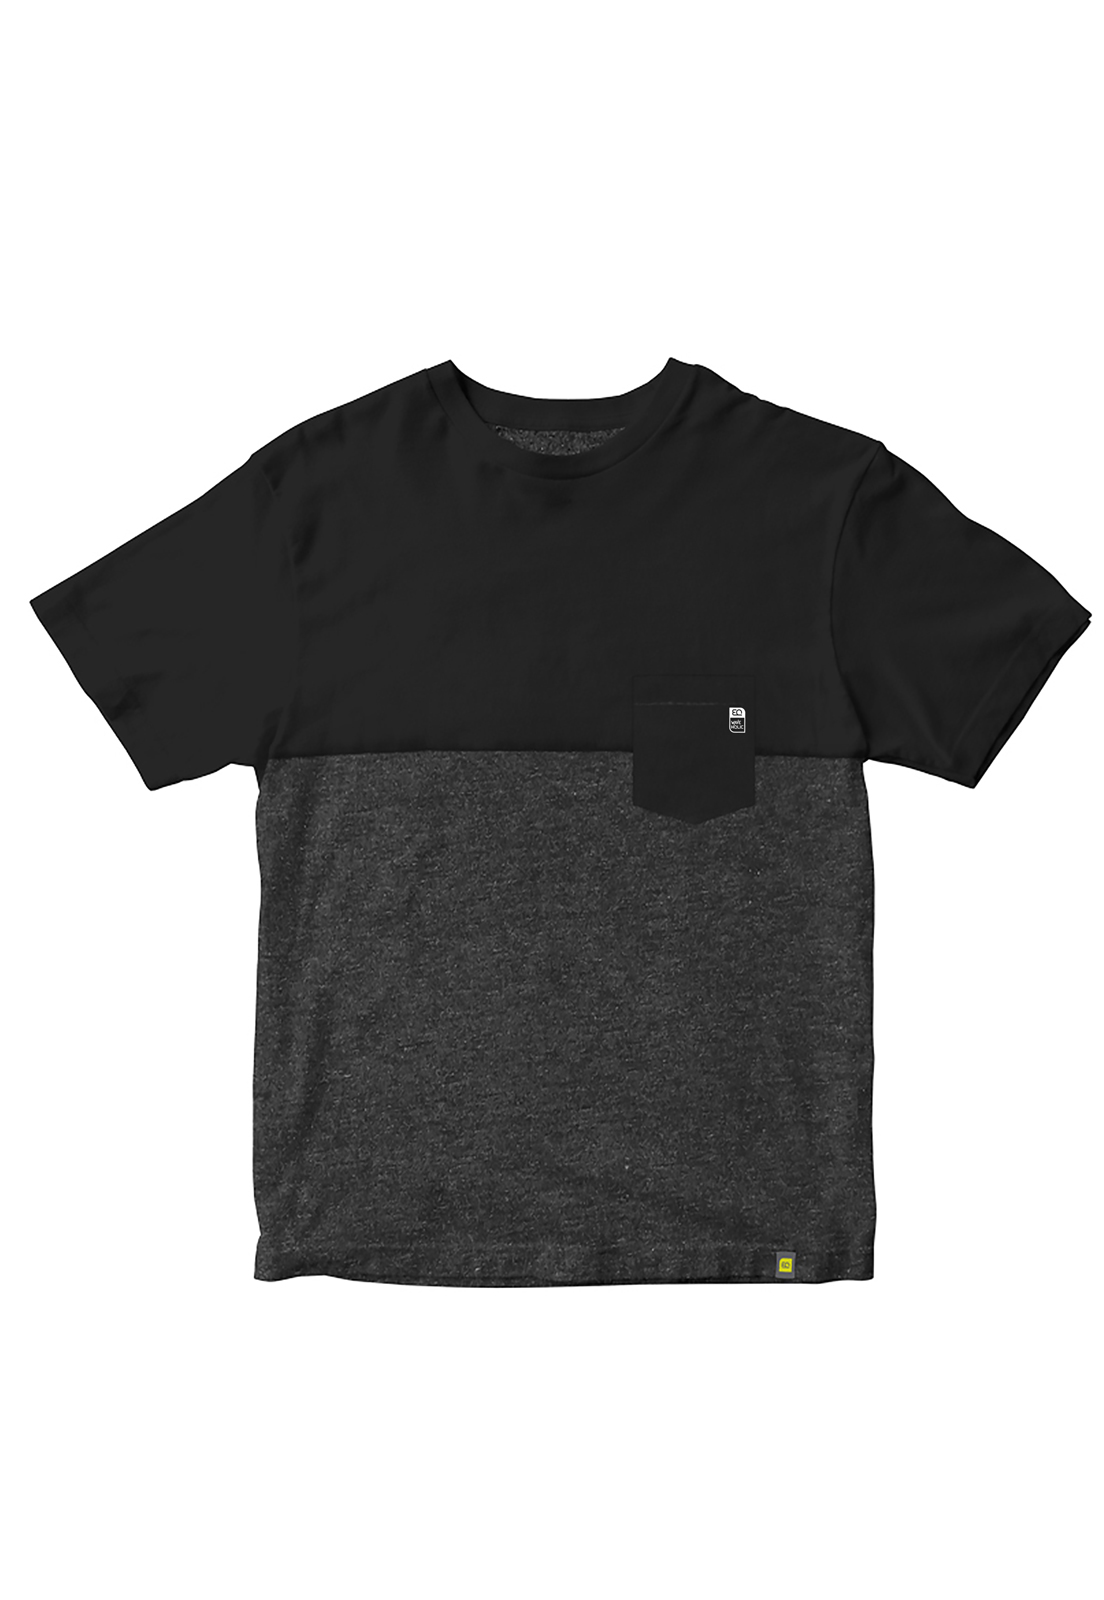 Camiseta com bolso preto com mescla (grafite) em malha sustentável